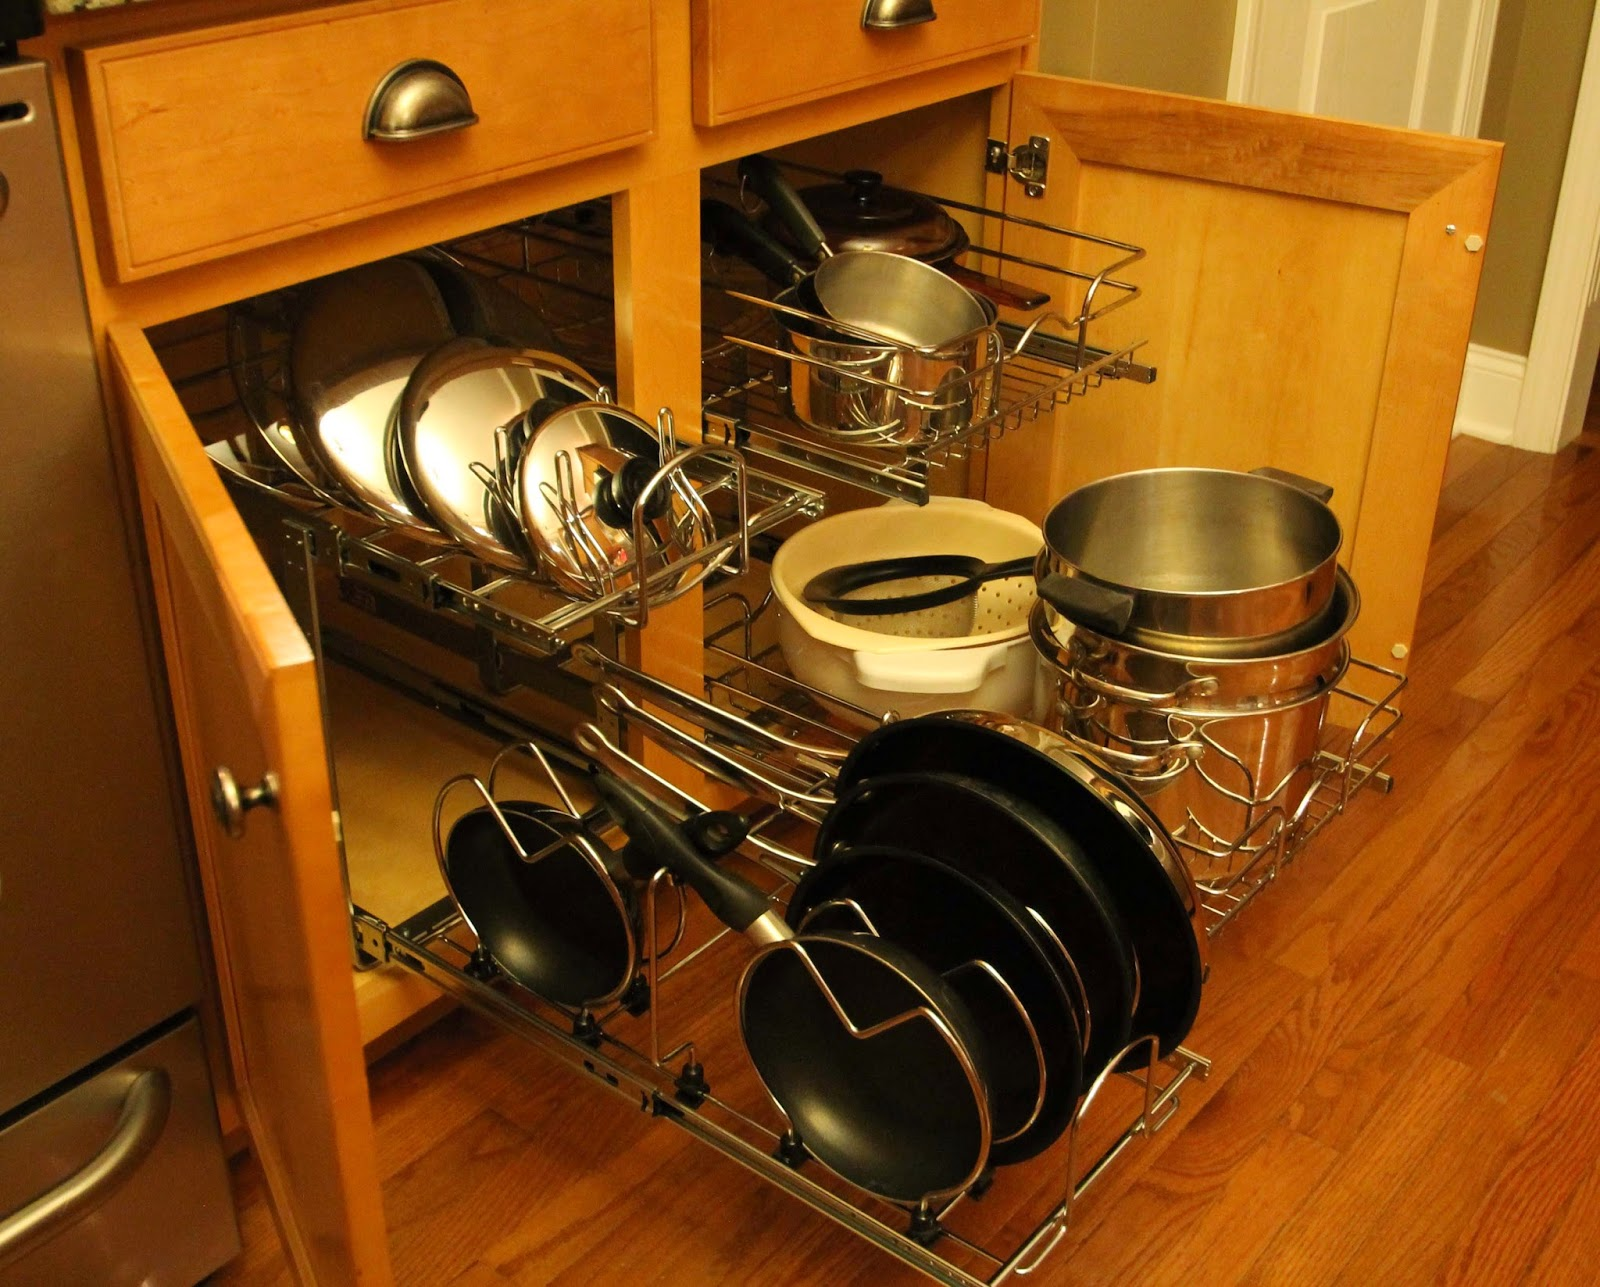 Ferrellgraph-x: Kitchen Organization